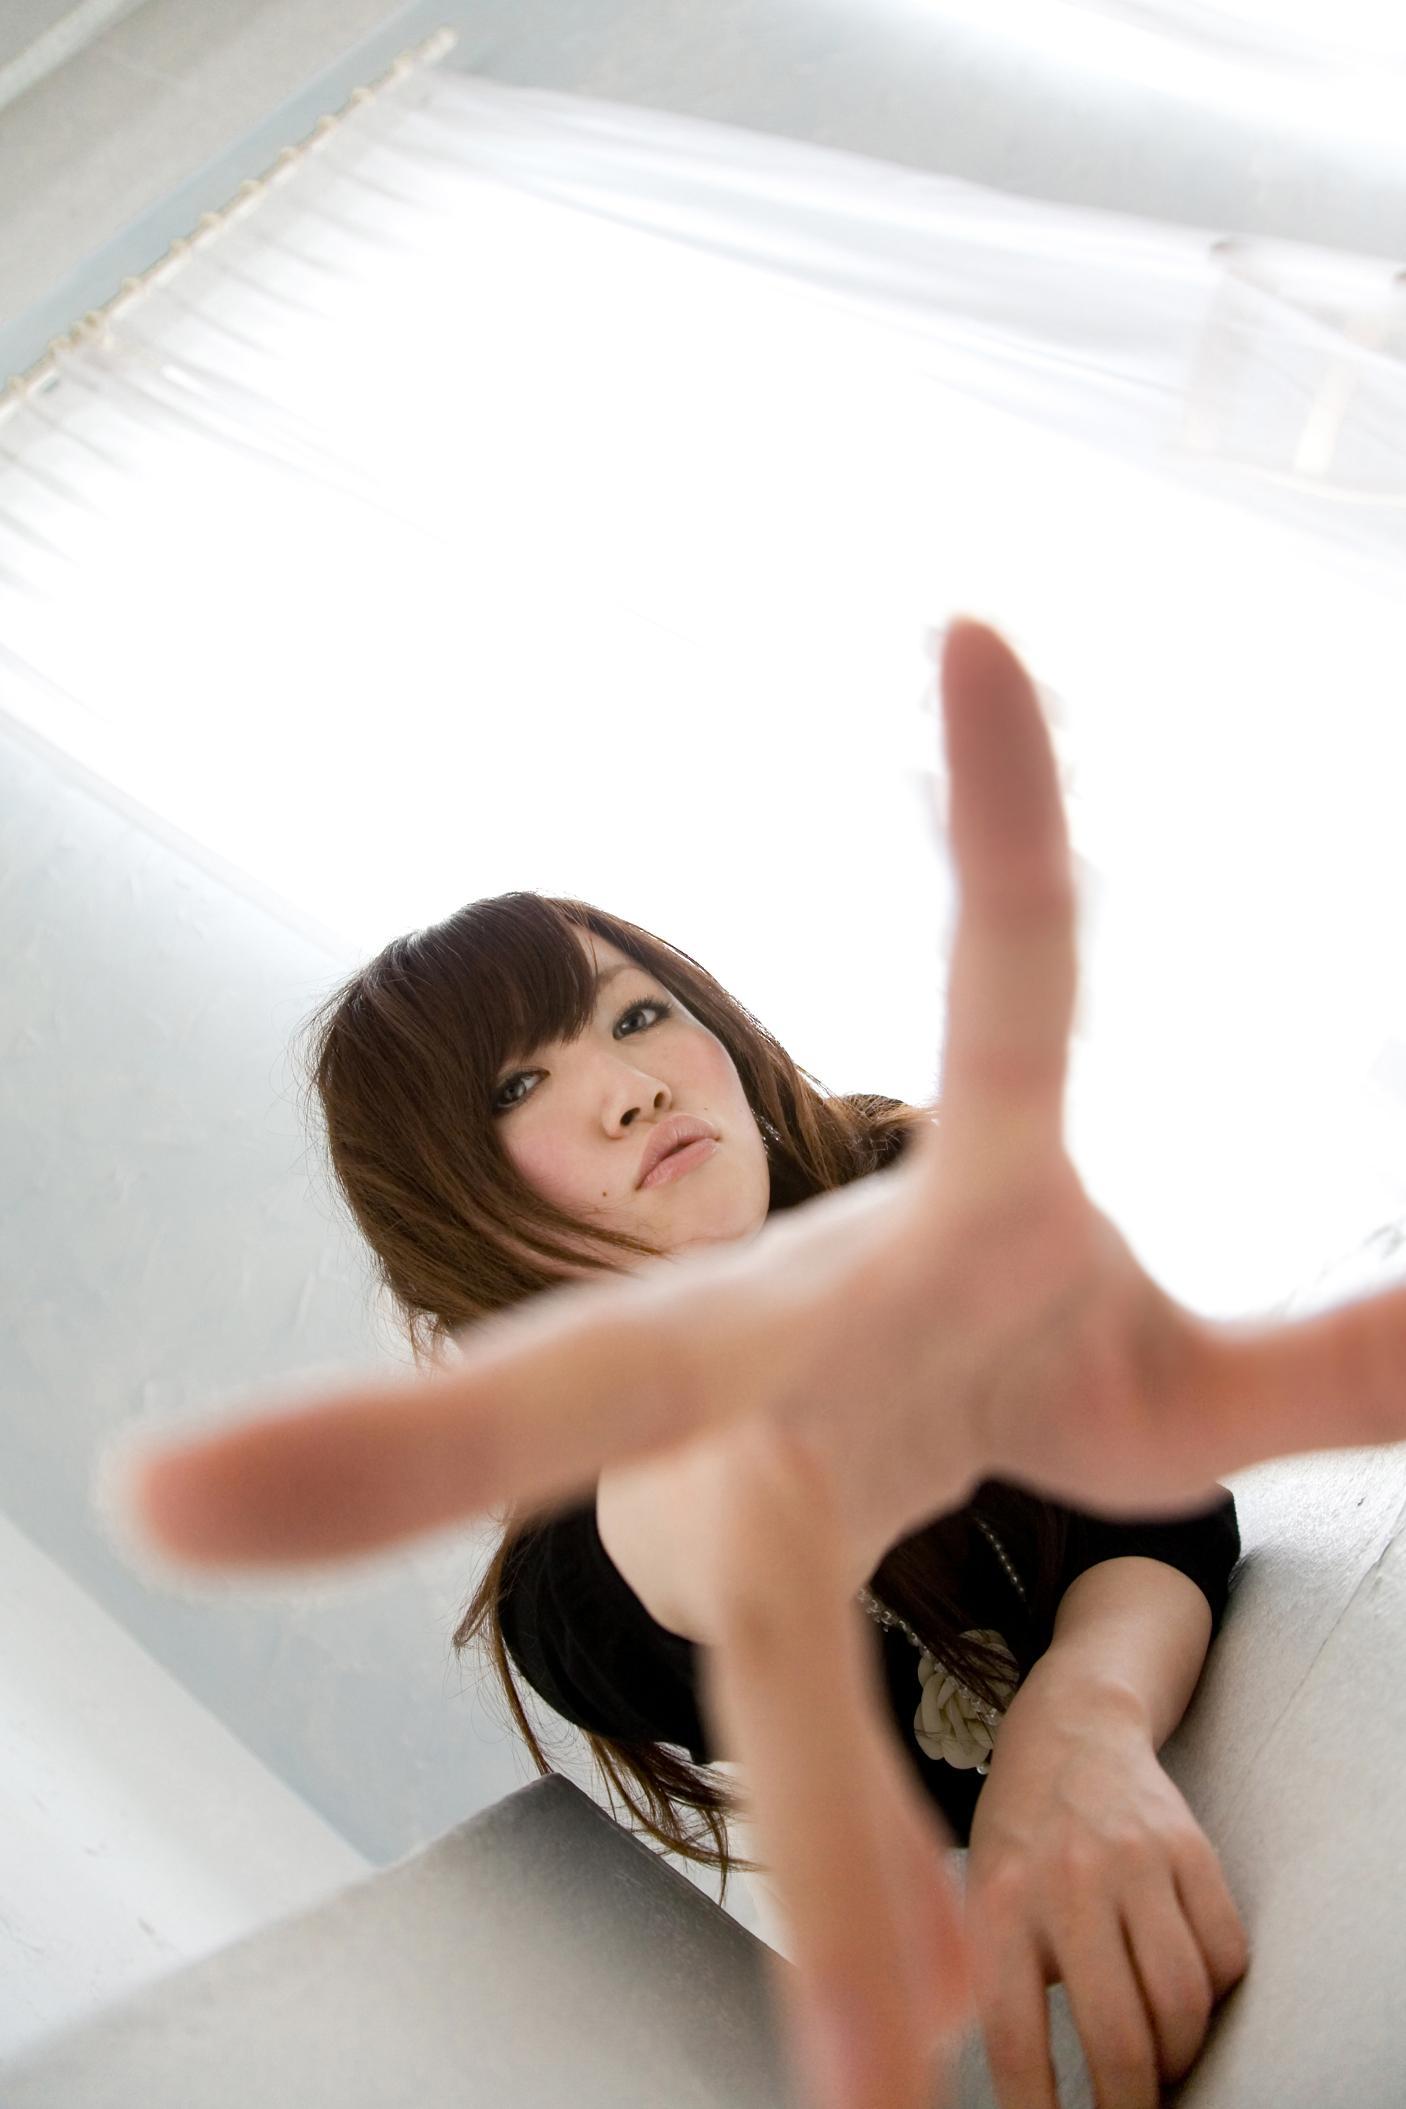 f0113286_20104439.jpg